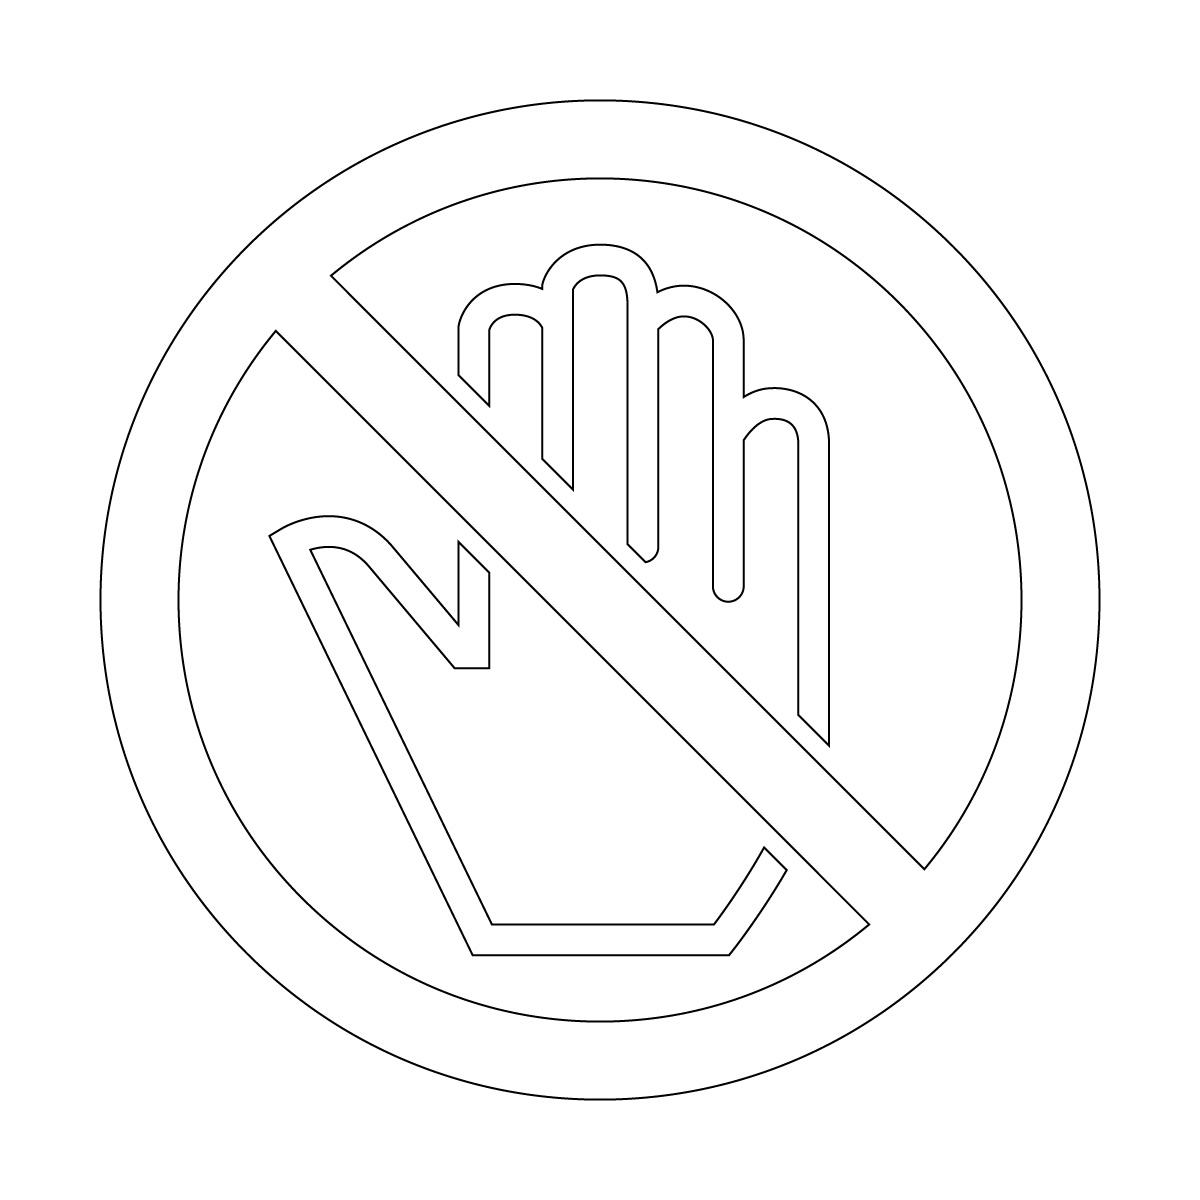 白色の触るな禁止マークのカッティングステッカーシール